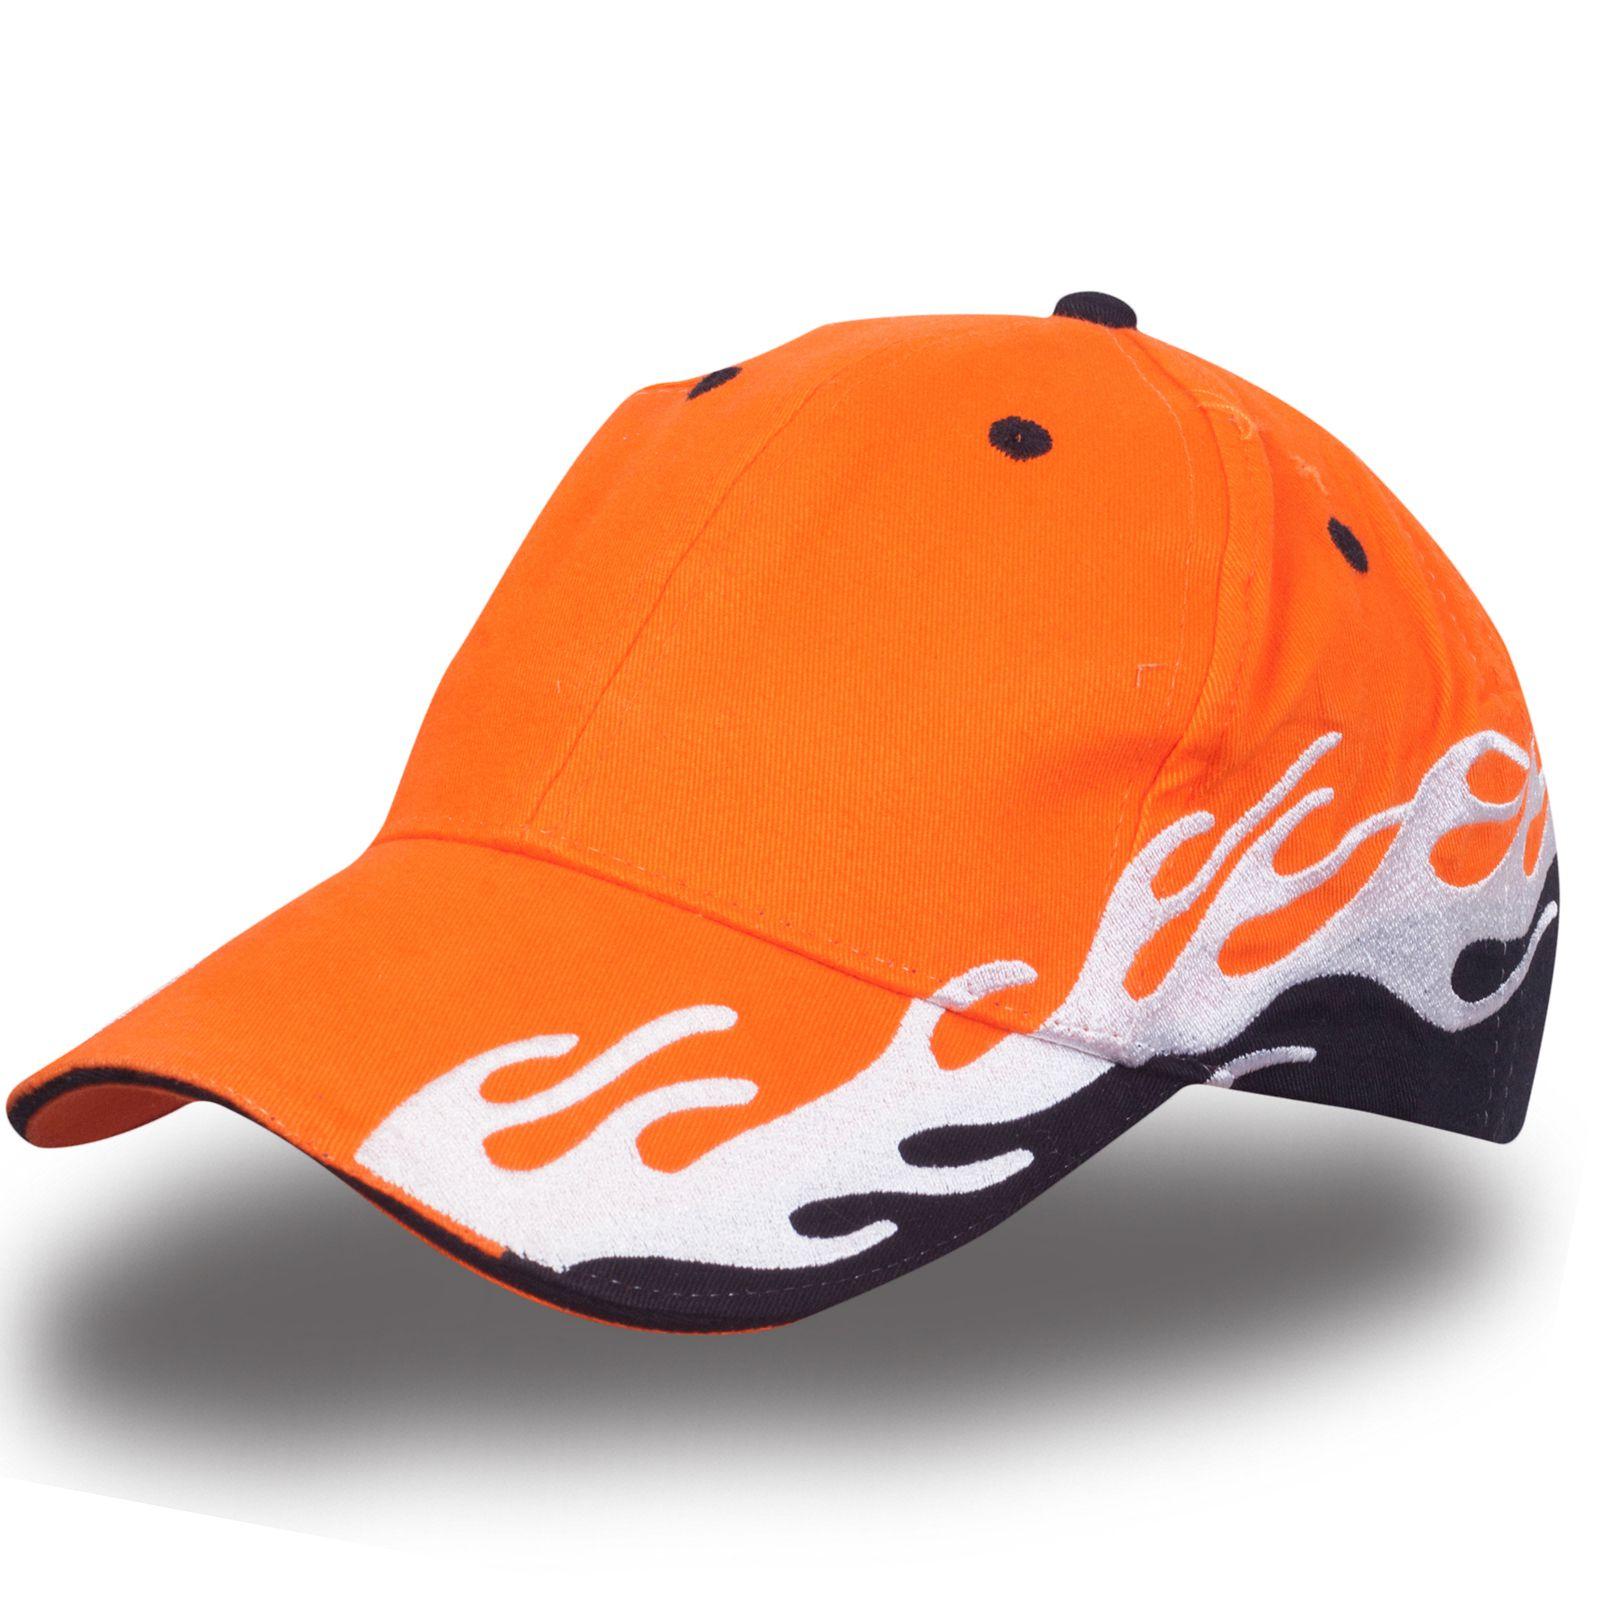 Оранжевая бейсболка Призрачного гонщика - купить в интернет-магазине с доставкой